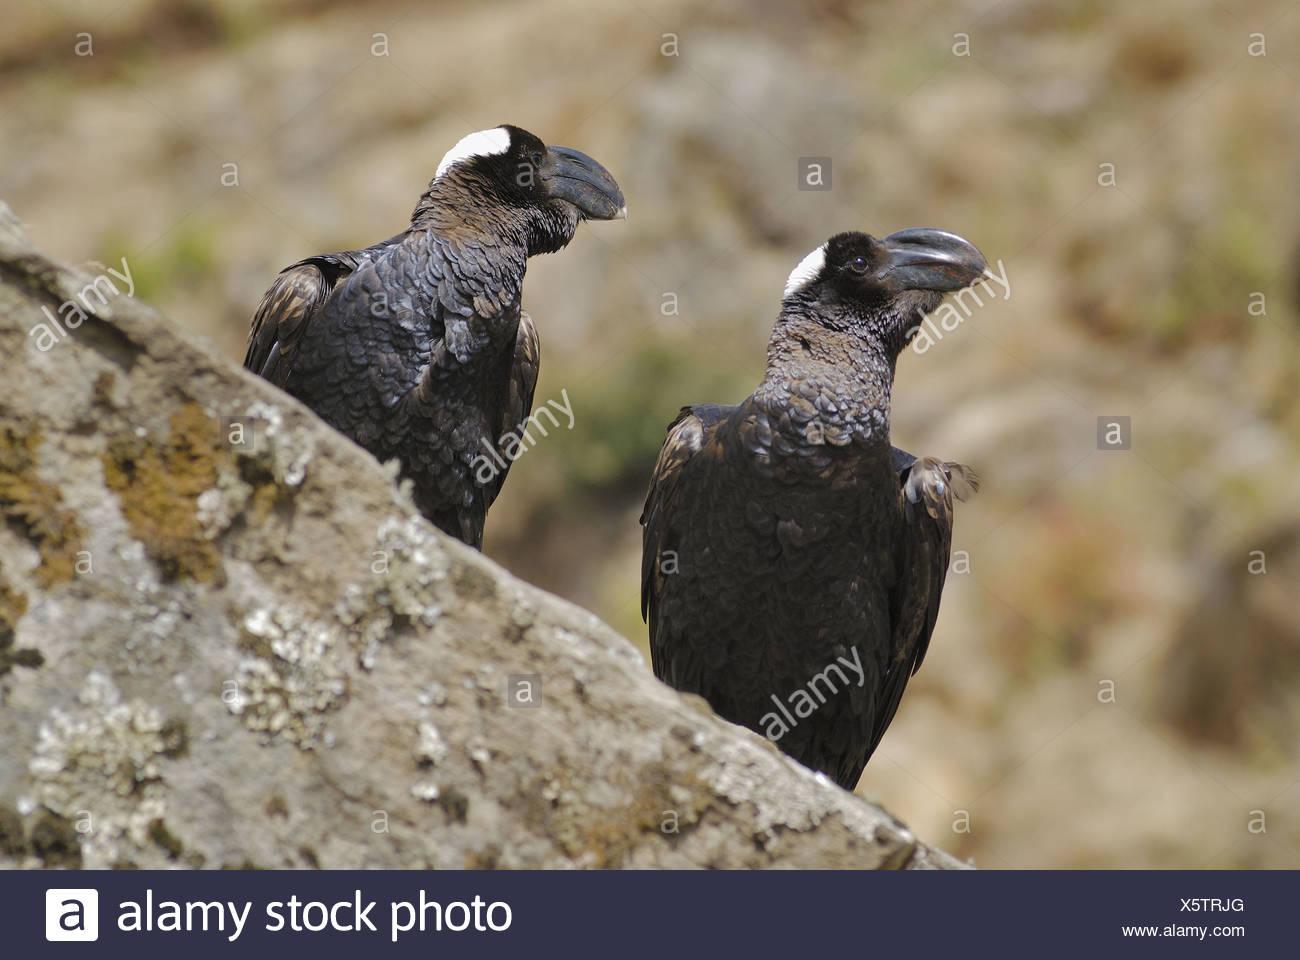 Corvus crassirostris - Stock Image